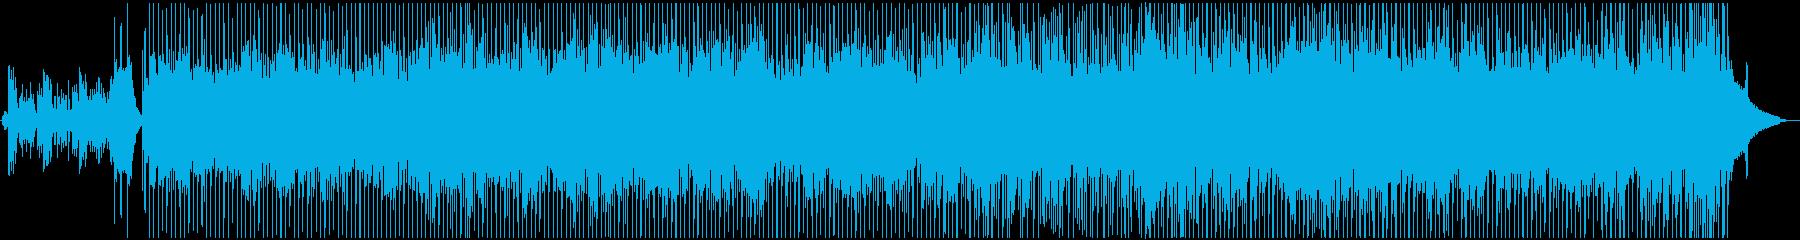 爽やかでキラキラなピアノポップスの再生済みの波形